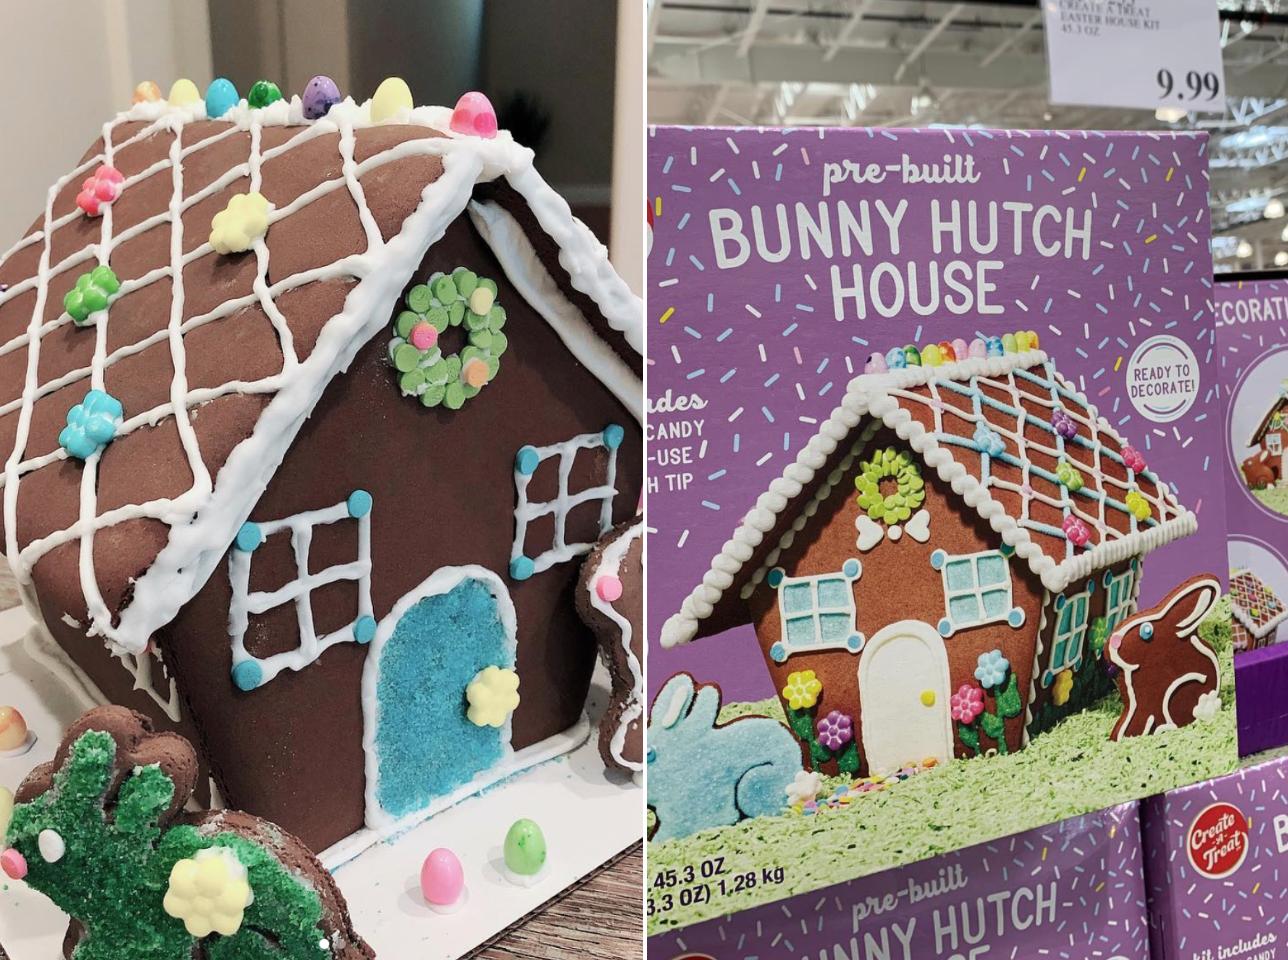 Costco bunny hutch